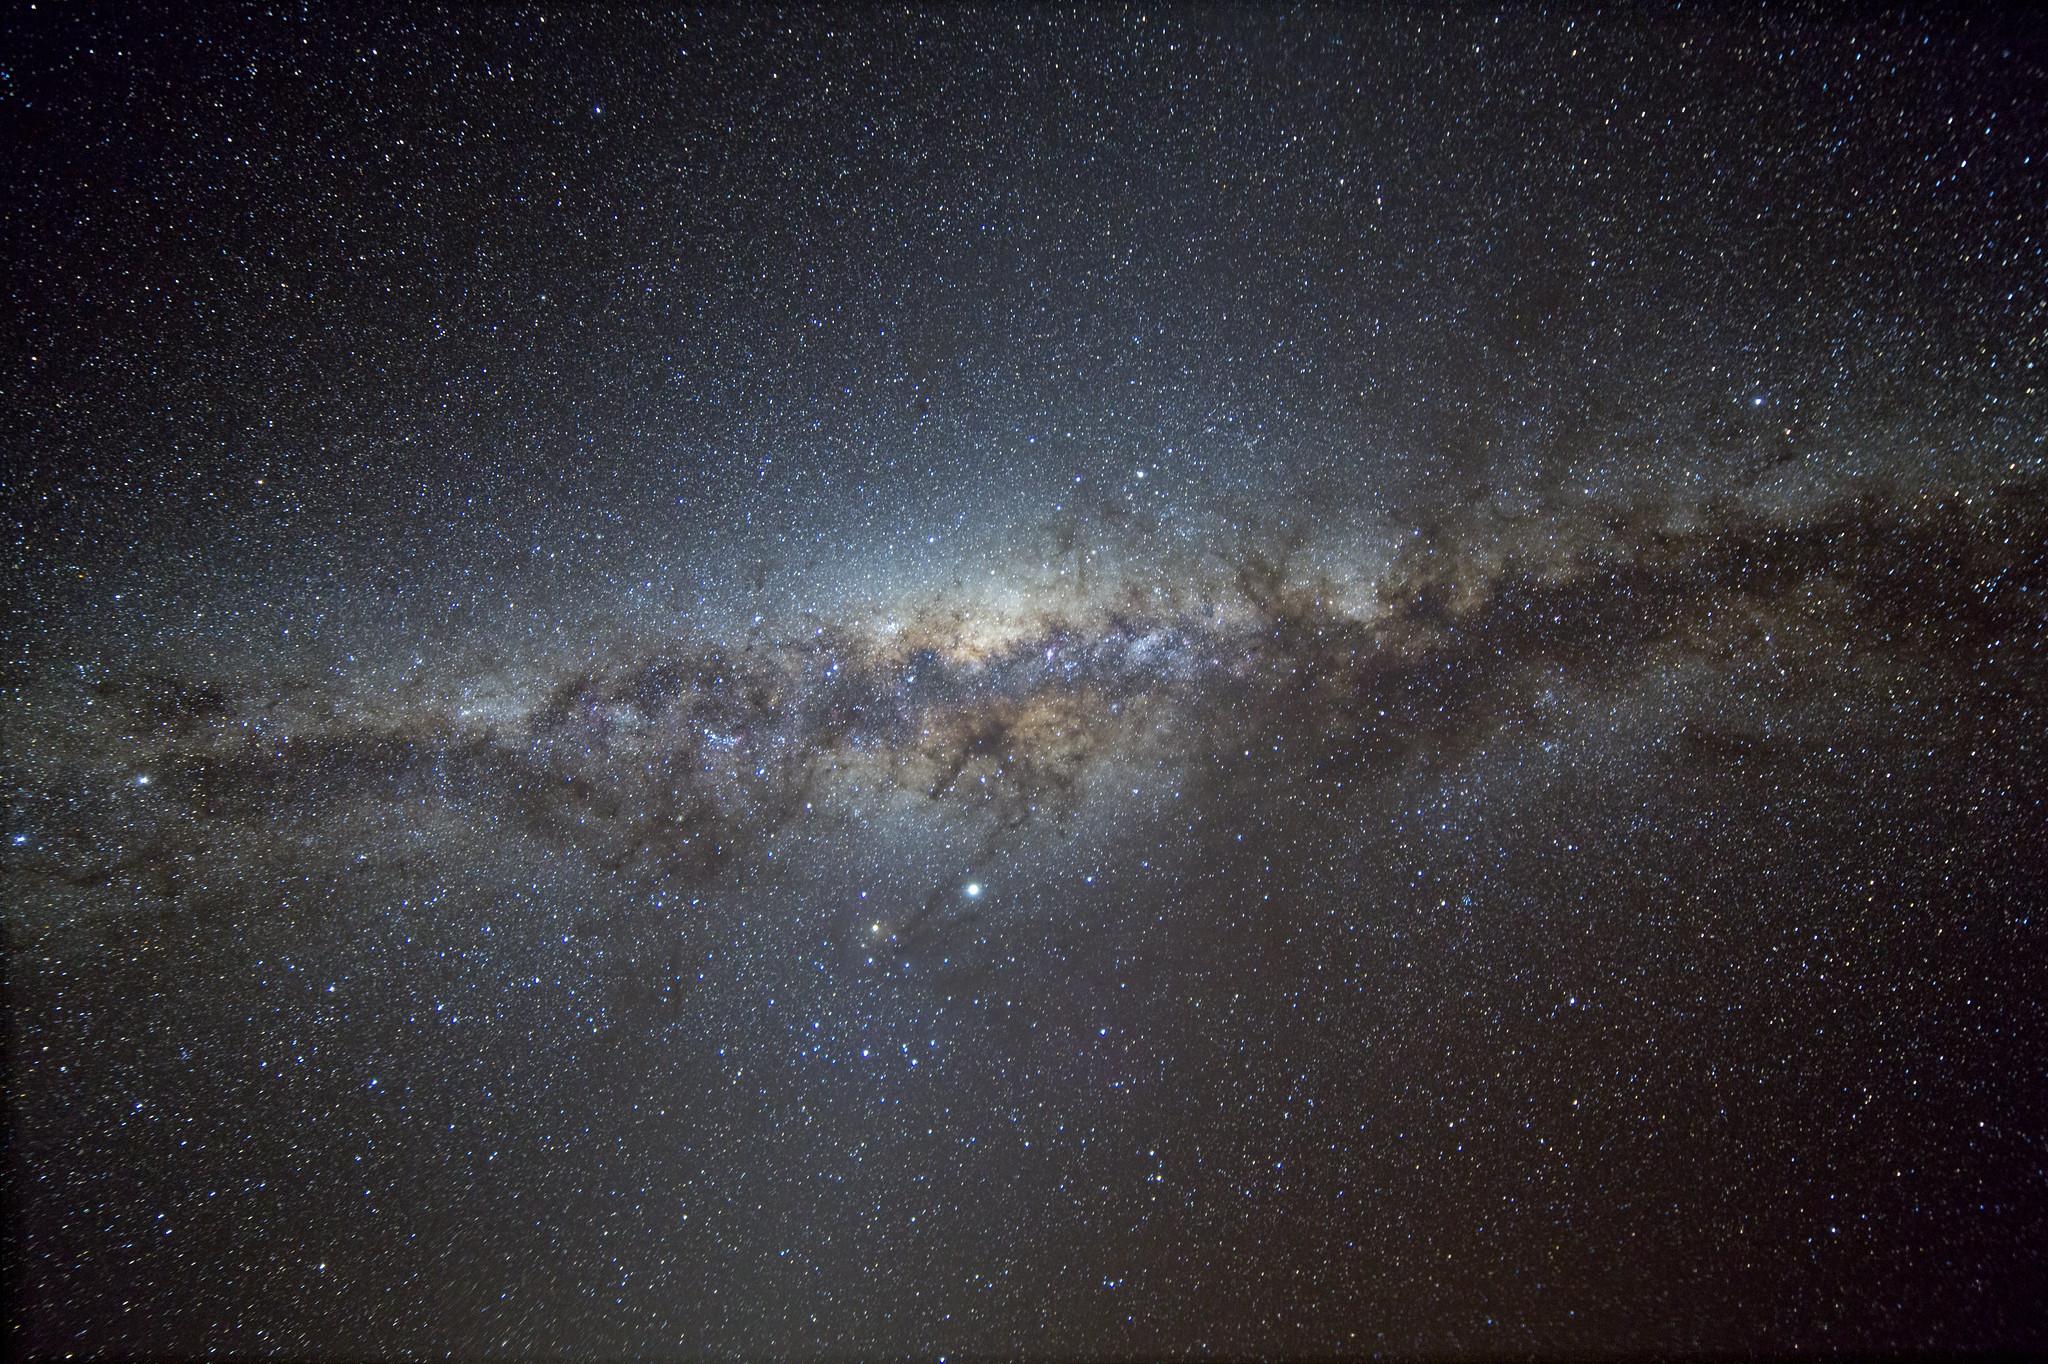 Milky Way, astrophotography by Ángel R. López-Sánchez.